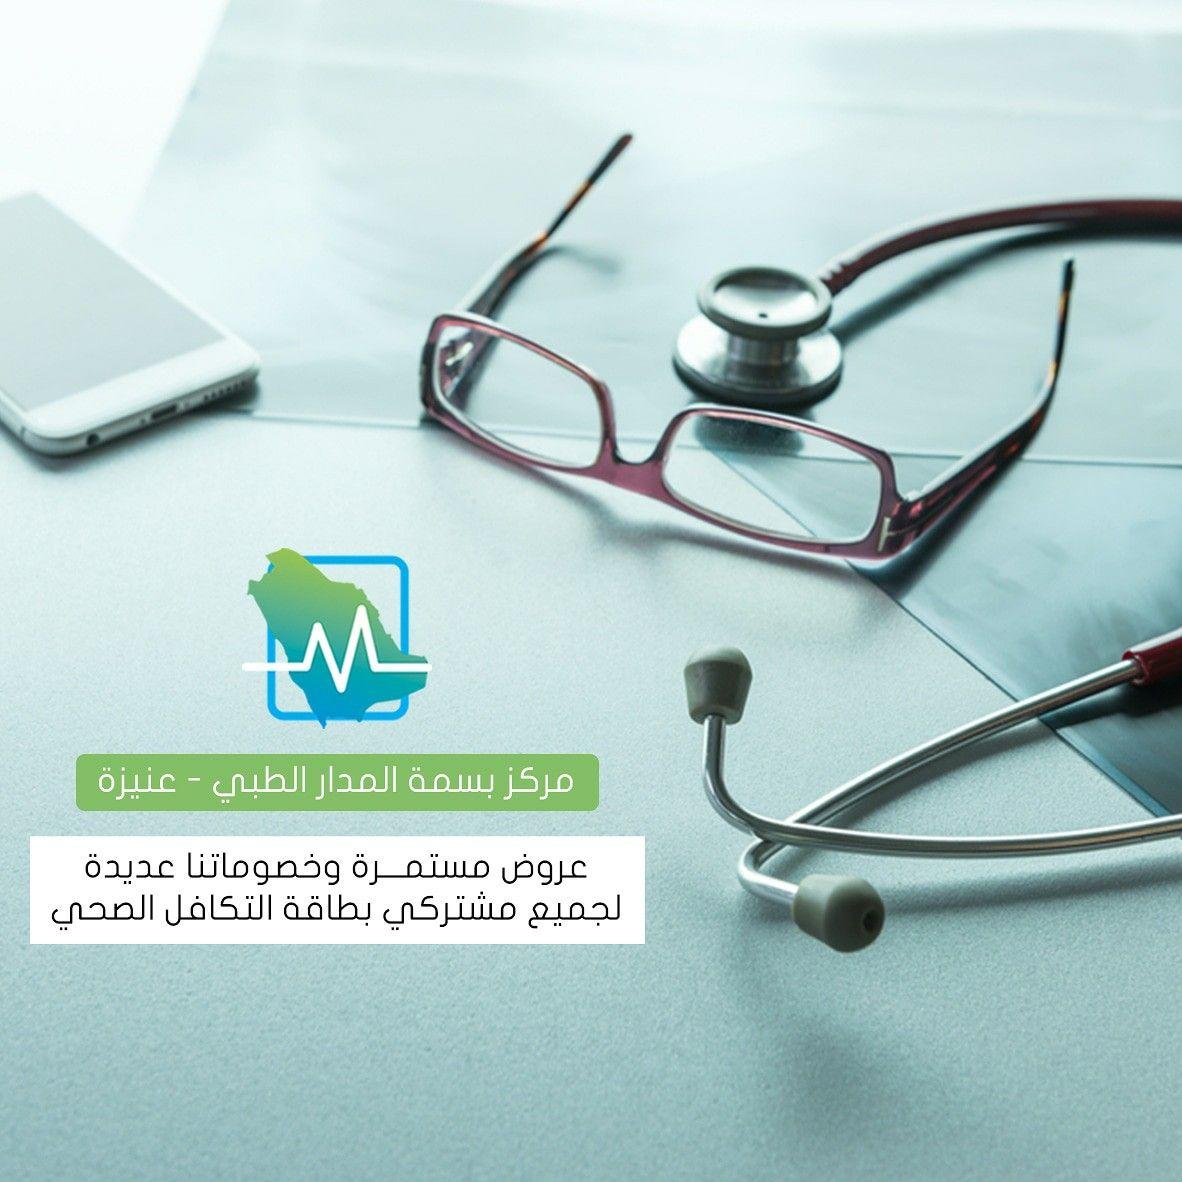 مركز بسمة المدار الطبي في عنيزة يقدم لك خصم على جميع الخدمات بقيمة 50 على بطاقة التكافل الصحي مستشفى مركز طب Health Insurance Electronic Products Health